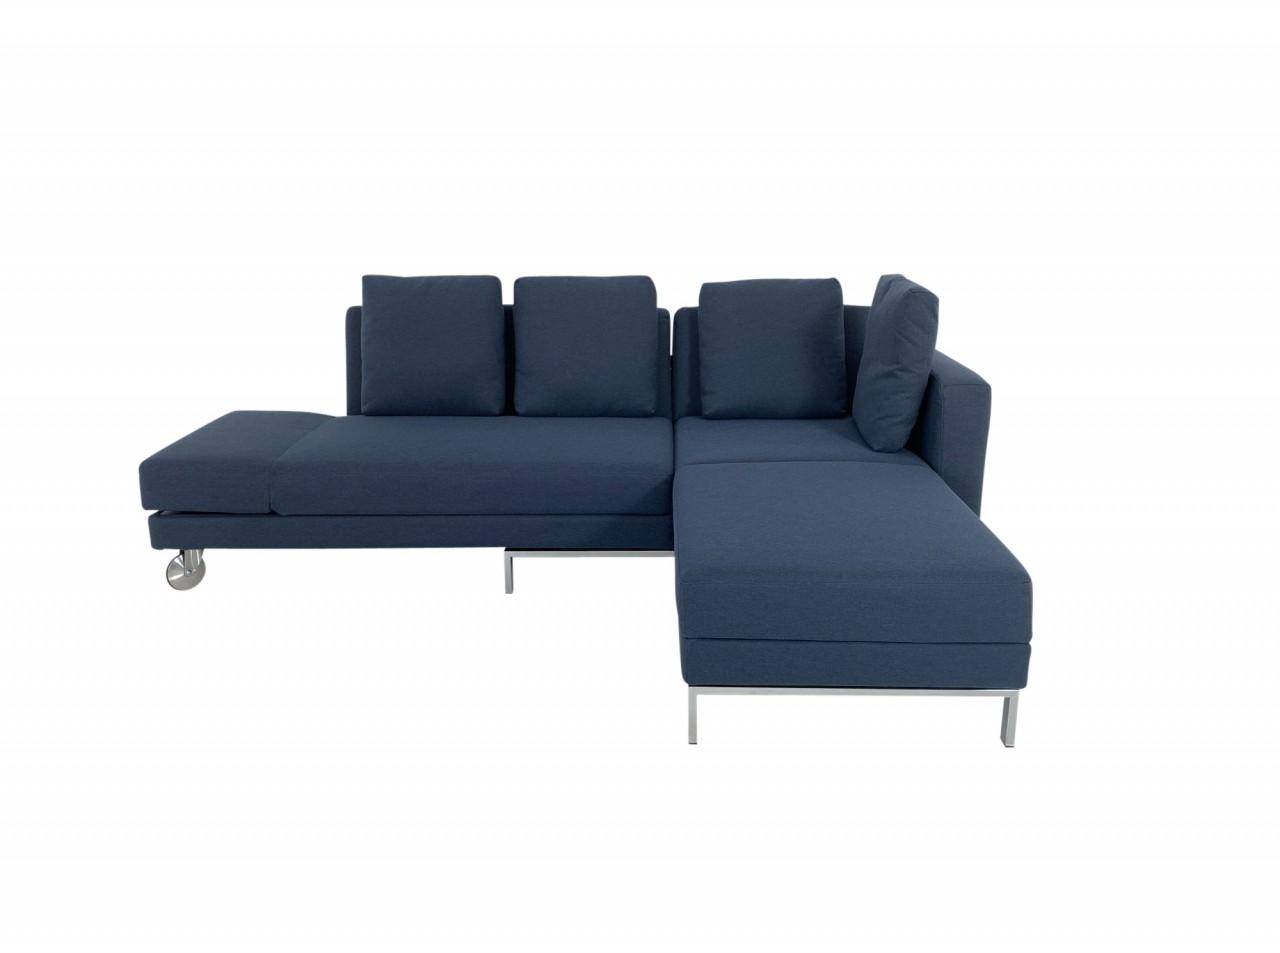 Brühl FOUR-TWO Ecksofa mit Recamiere rechts und Bettfunktion im edlen Stoff 4455-65 dunkelblau